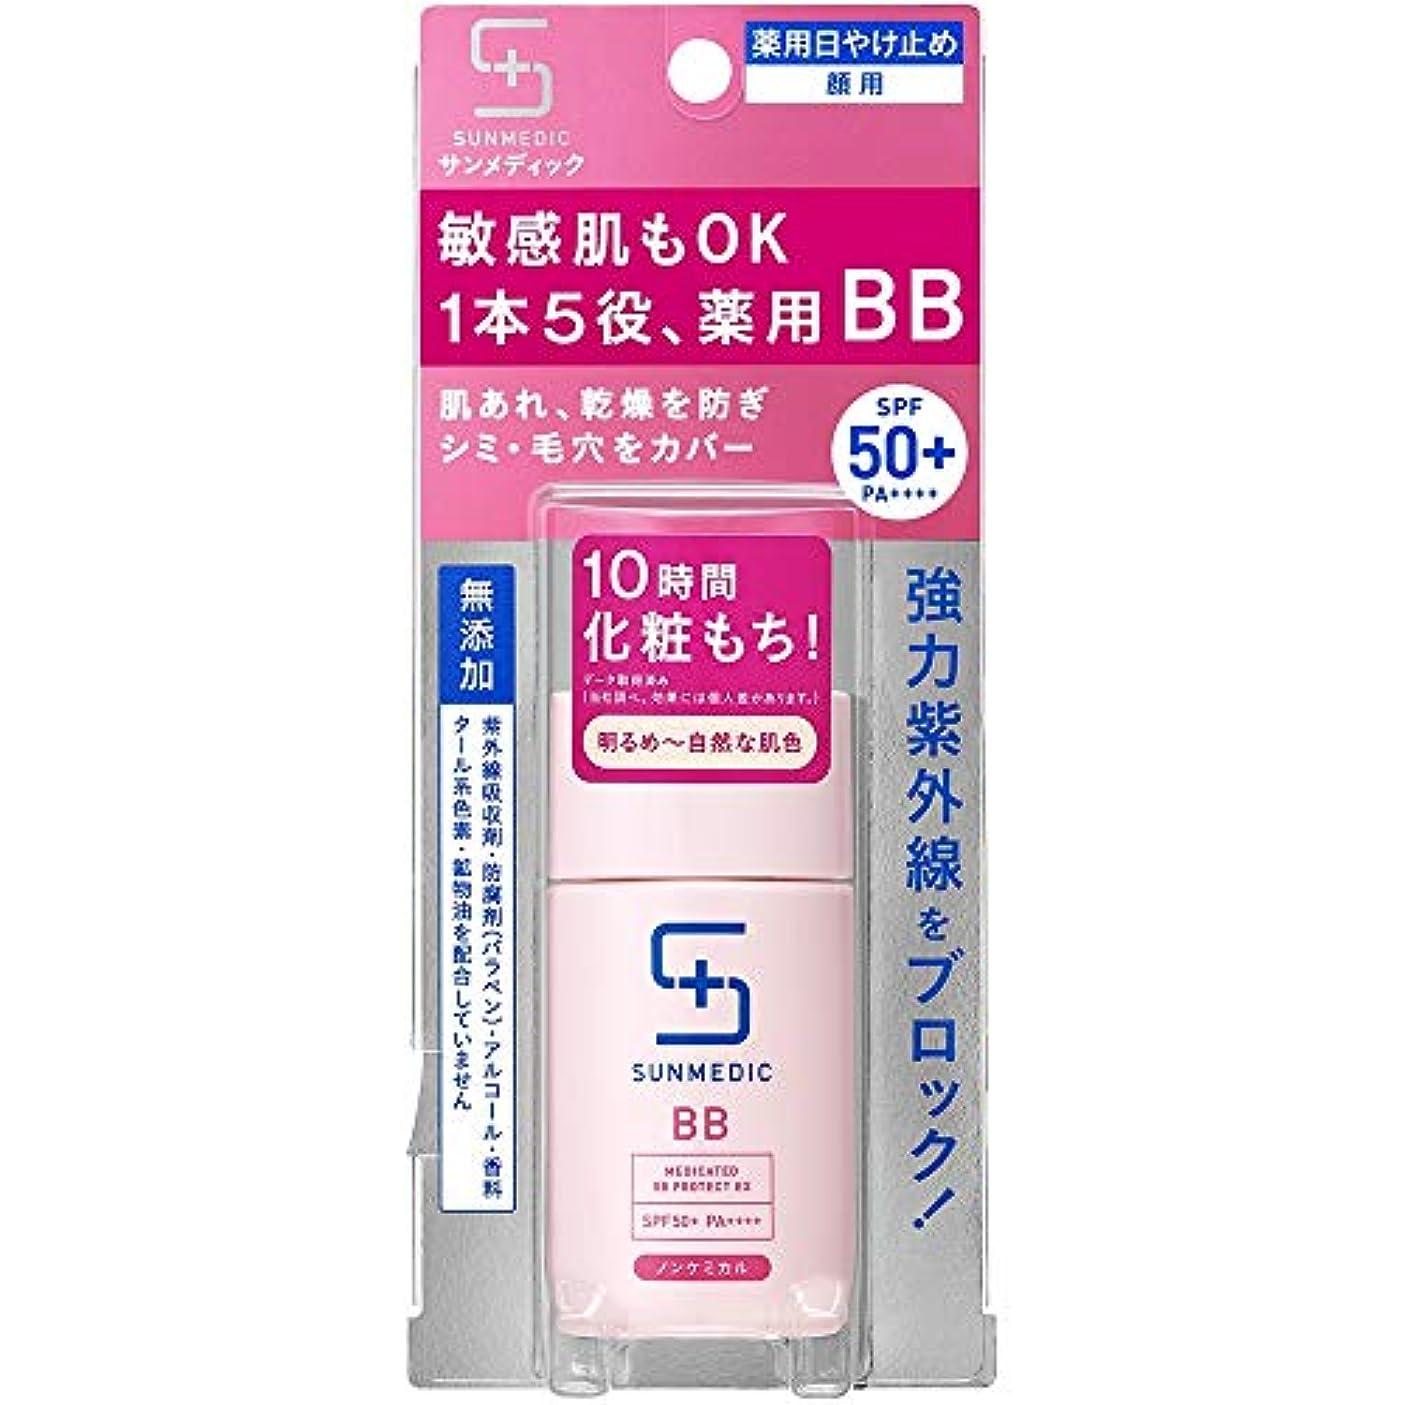 発見社会主義冷酷なサンメディックUV 薬用BBプロテクトEX ライト 30ml (医薬部外品)